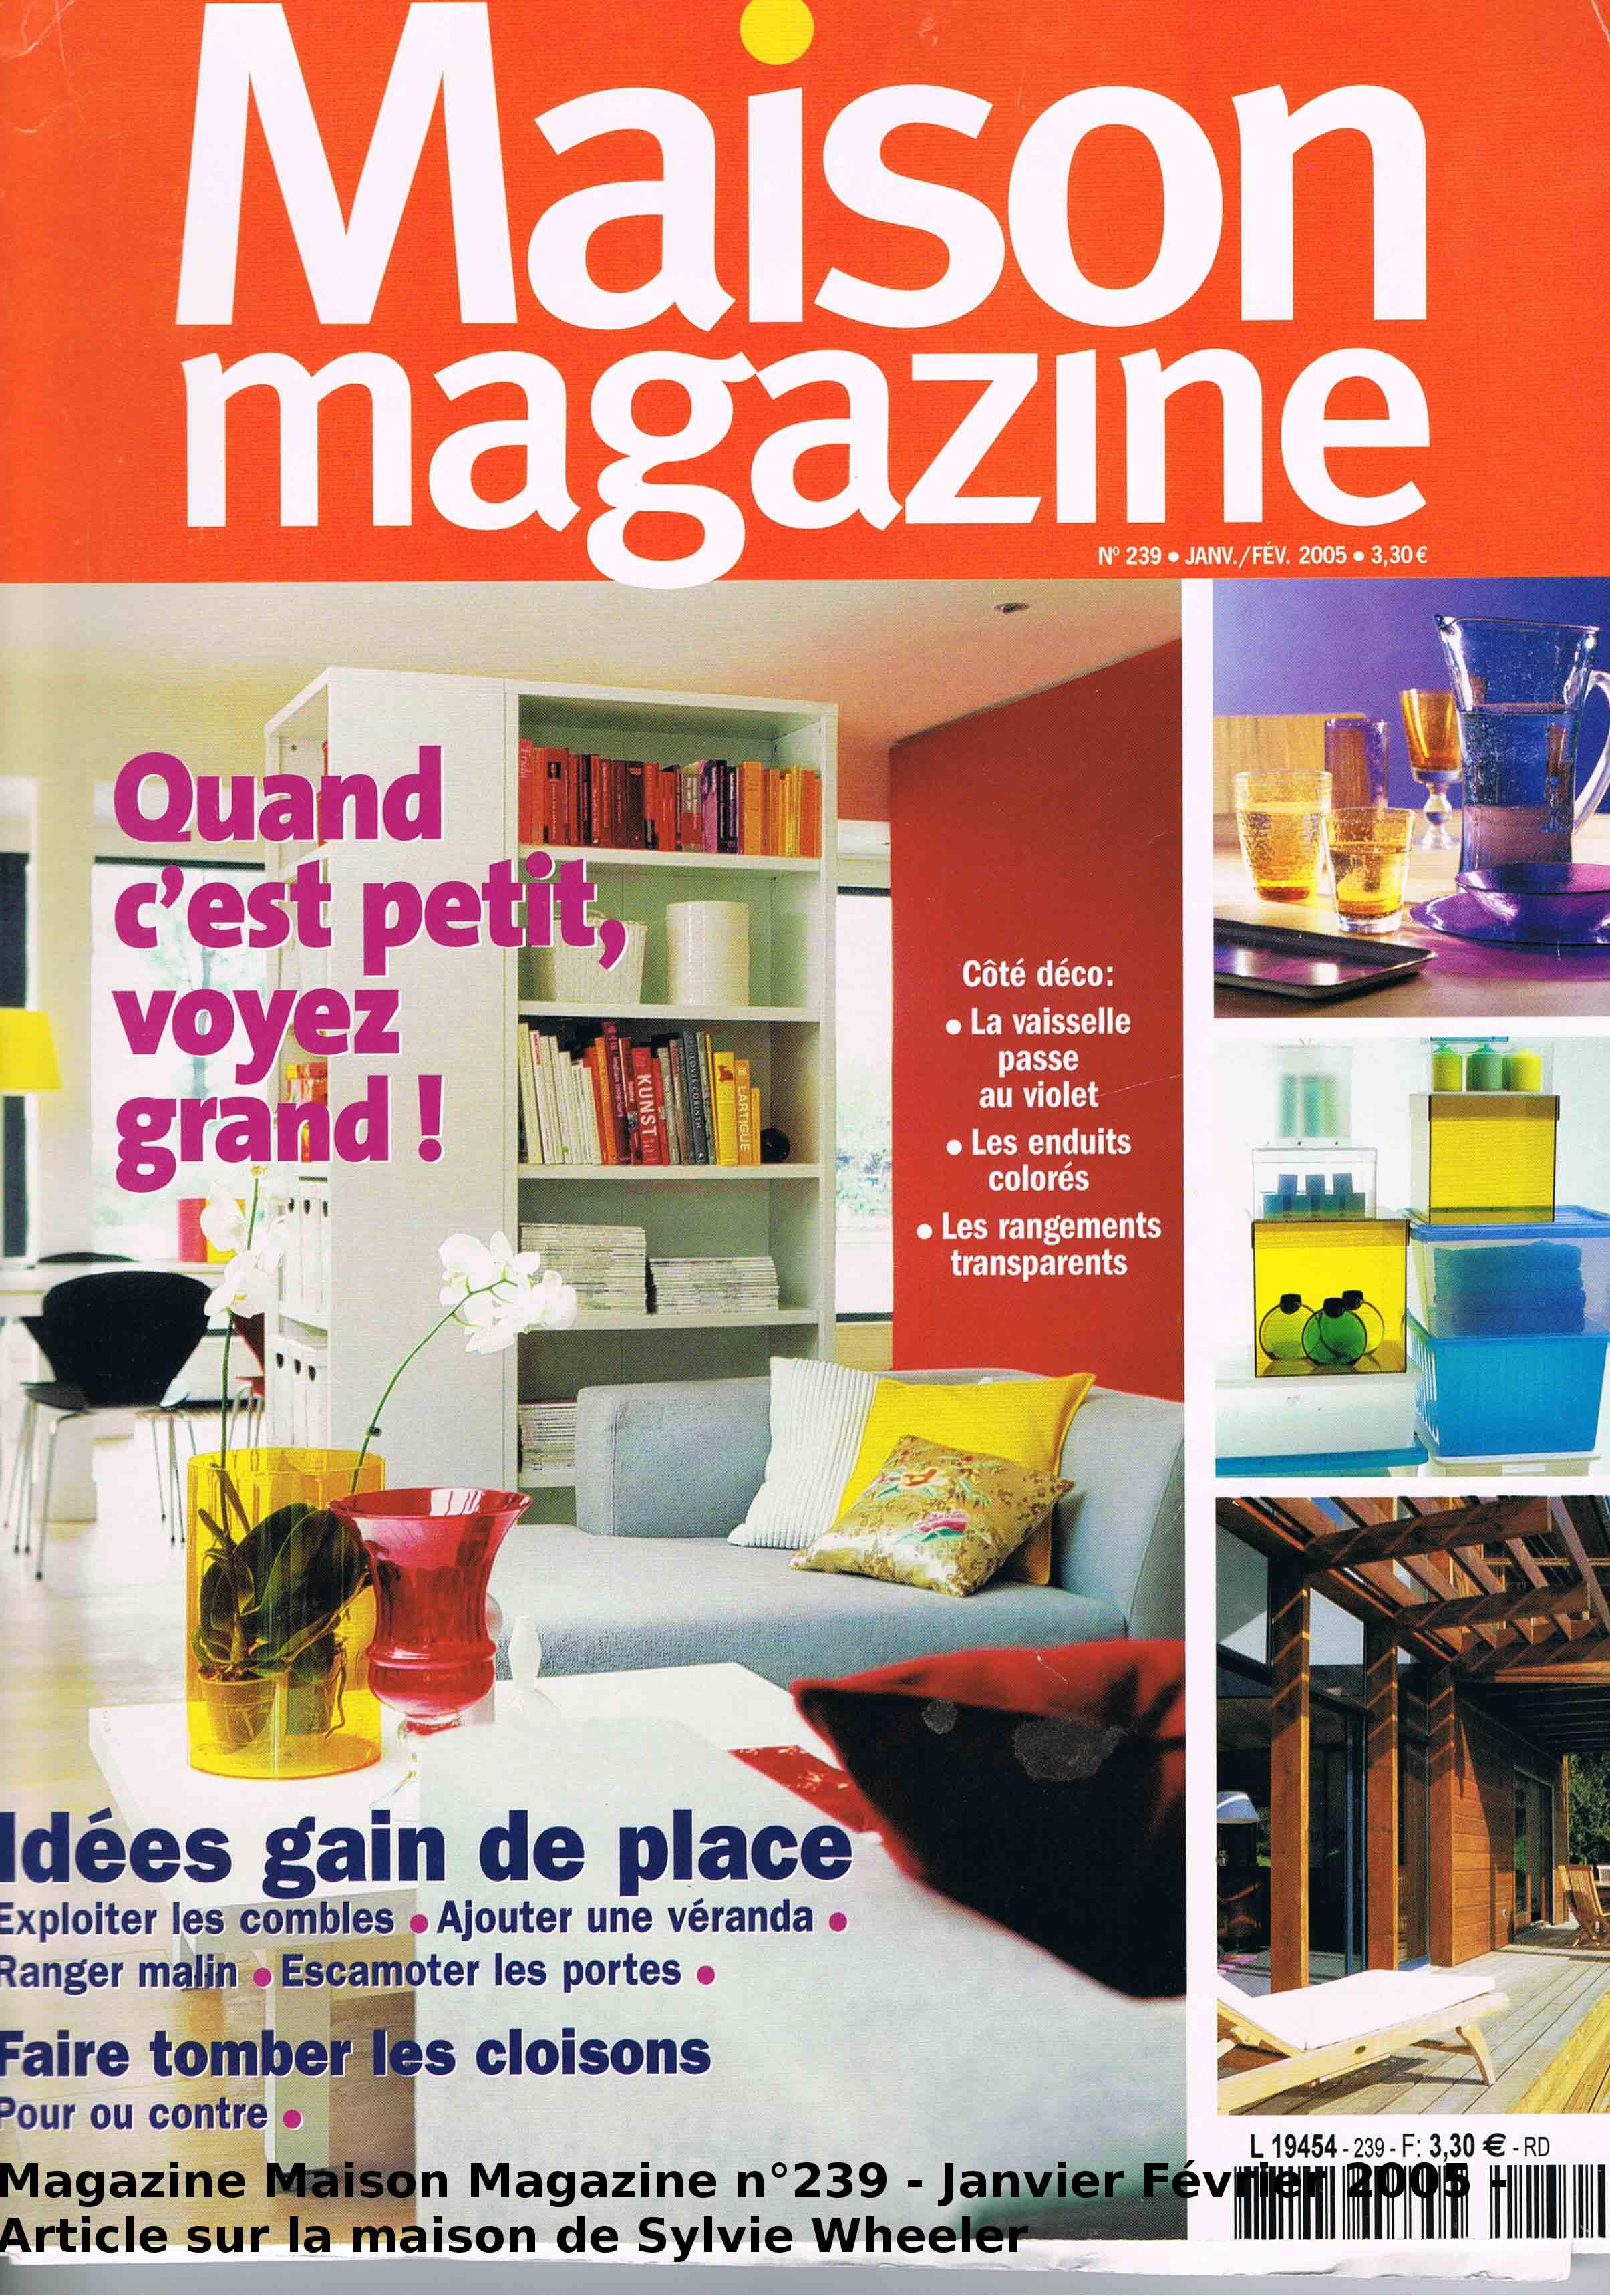 Maison Magazine